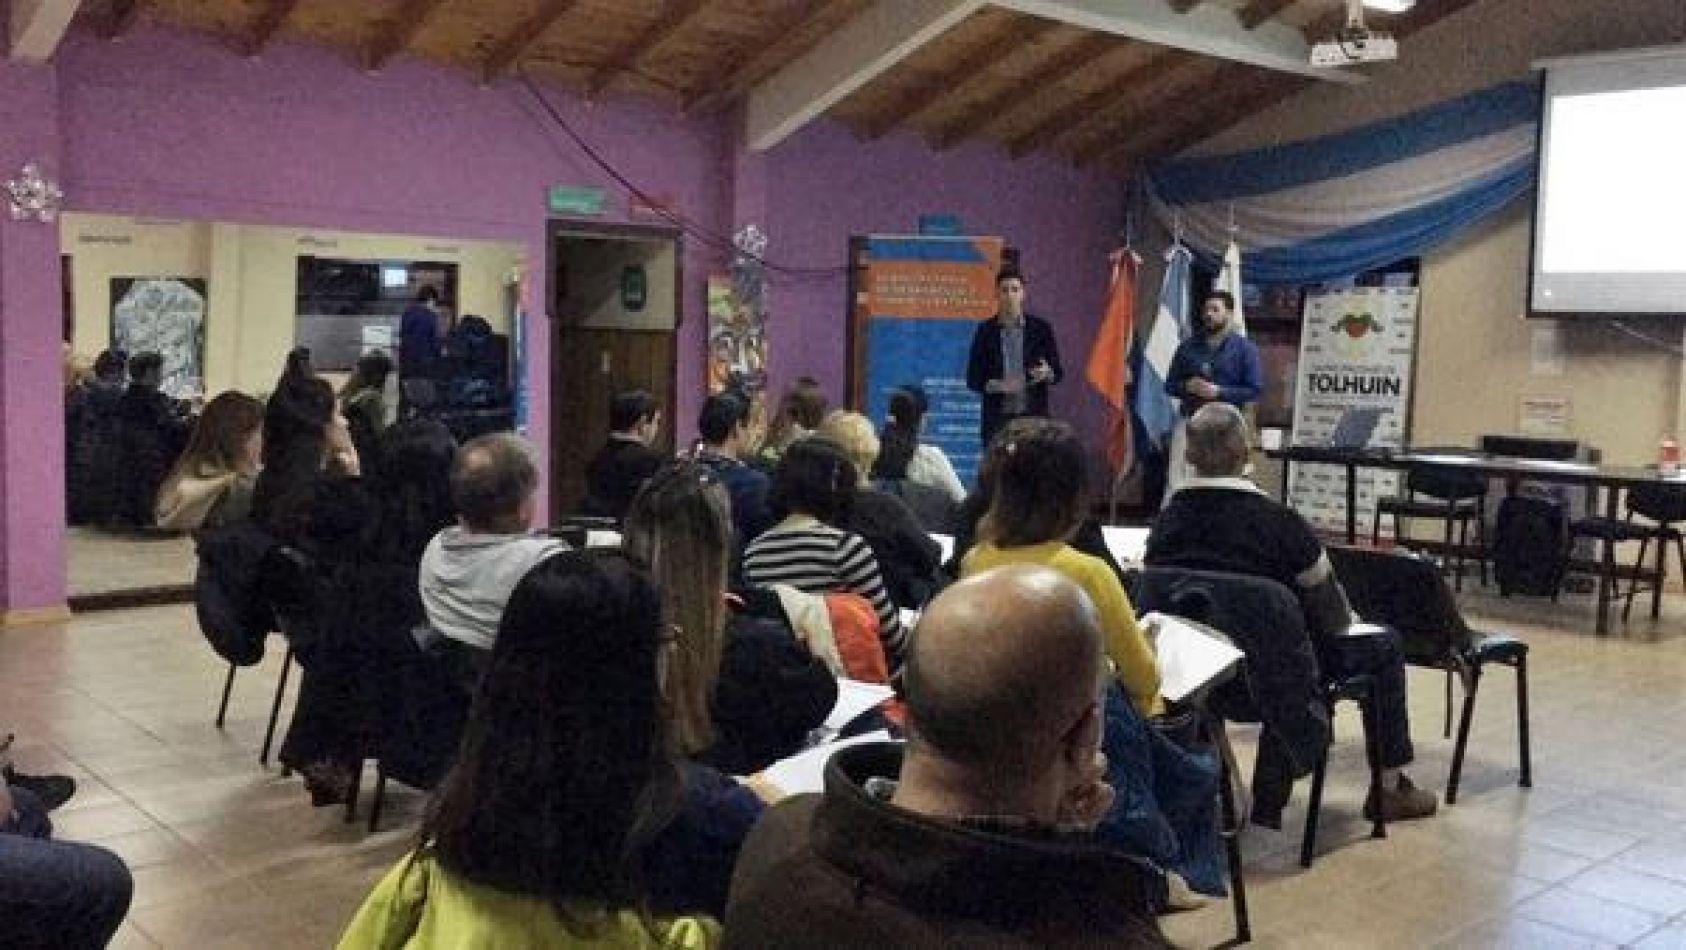 En los próximos seminarios se irán incorporando nuevas temáticas, siendo el siguiente punto de encuentro la ciudad de Ushuaia.